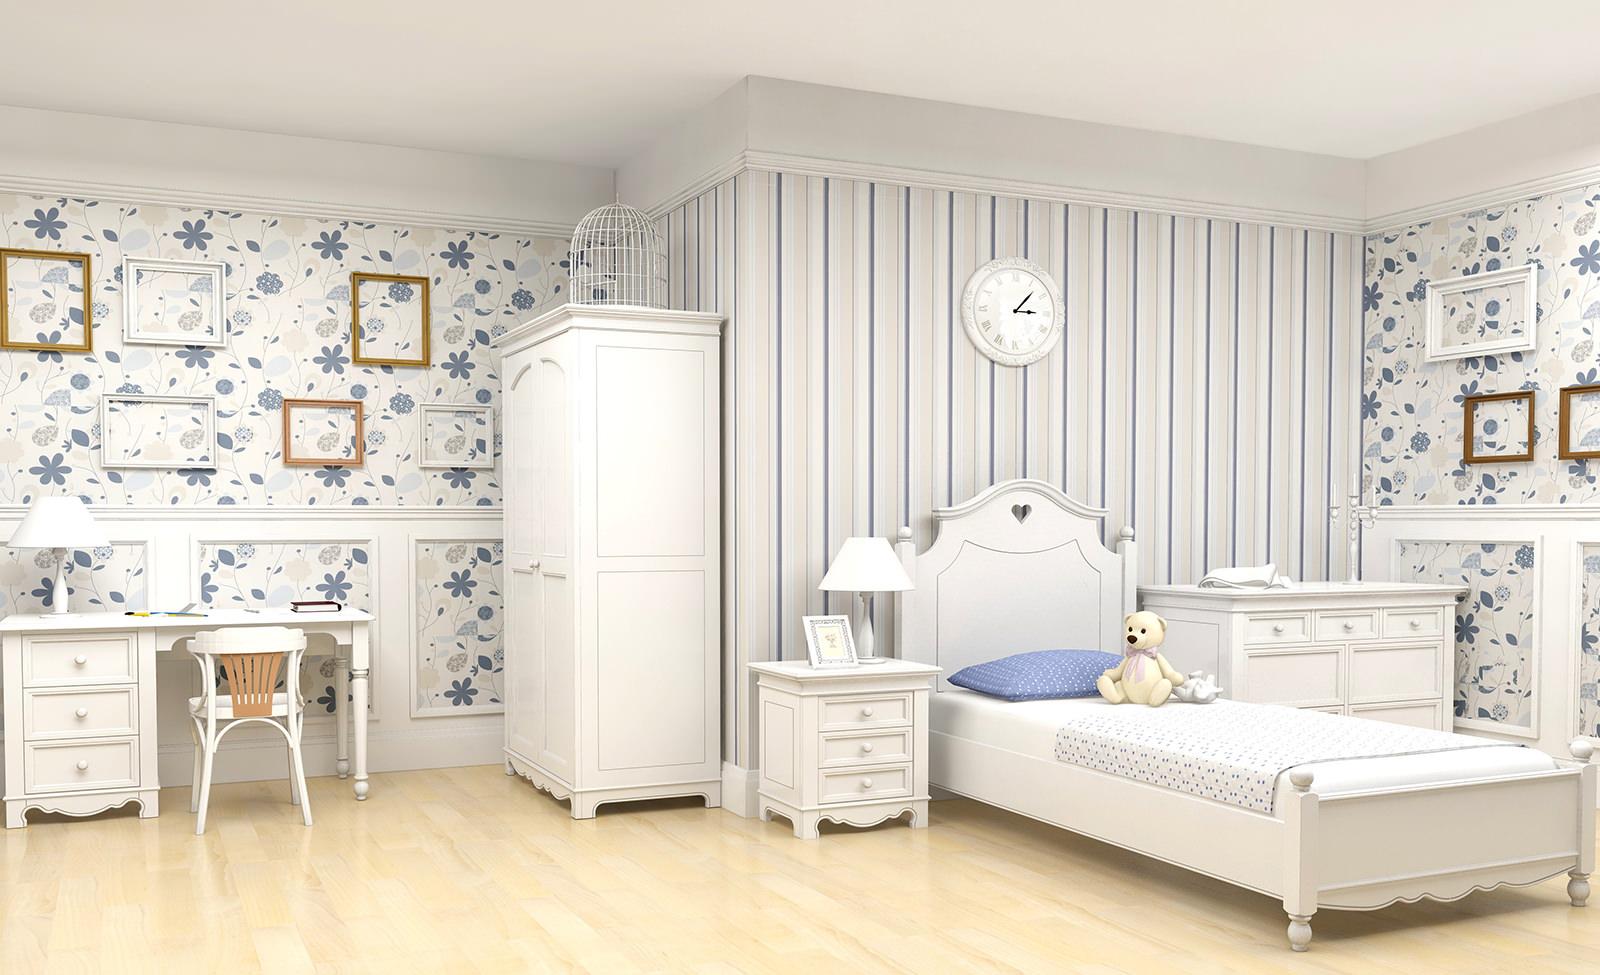 Сделать комнату интересной и необычной можно при помощи комбинации двух видов обоев с разными принтами